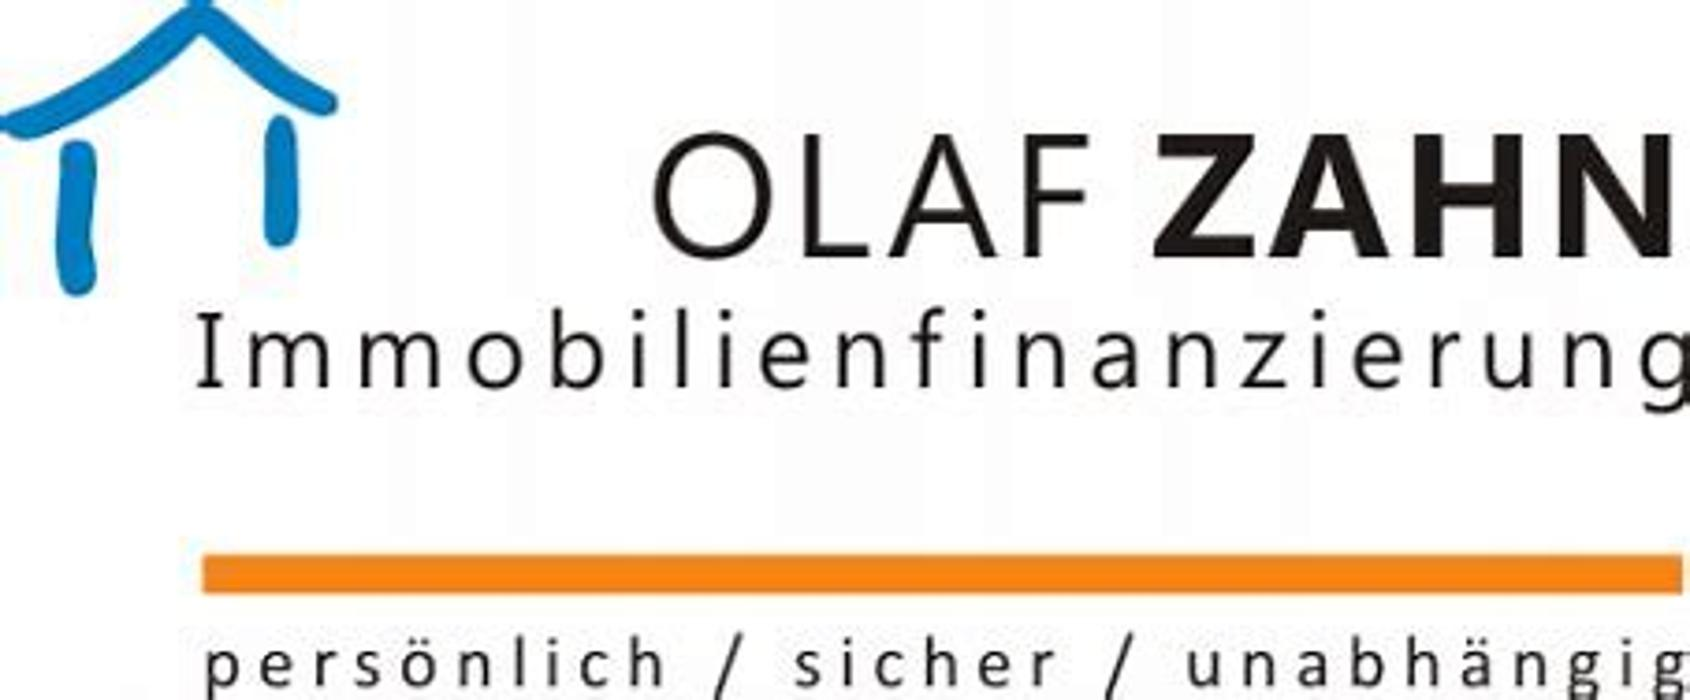 Bild zu OLAF ZAHN Immobilienfinanzierung Braunschweig in Braunschweig